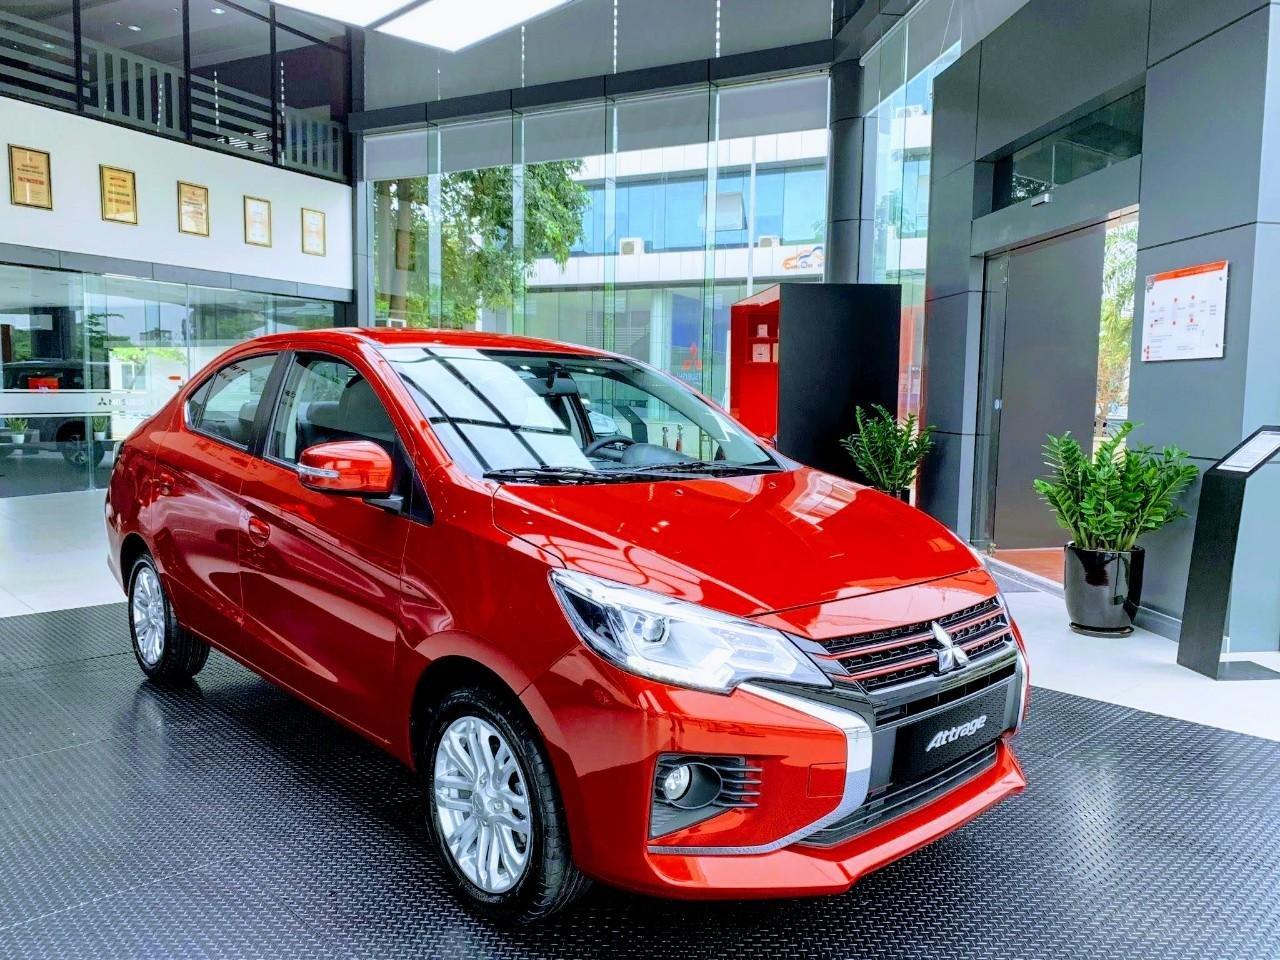 (Hot) Mitsubishi Bắc Ninh - Attrage giảm 50% thuế trước bạ, giảm tiền mặt, kèm phụ kiện chính hãng (1)